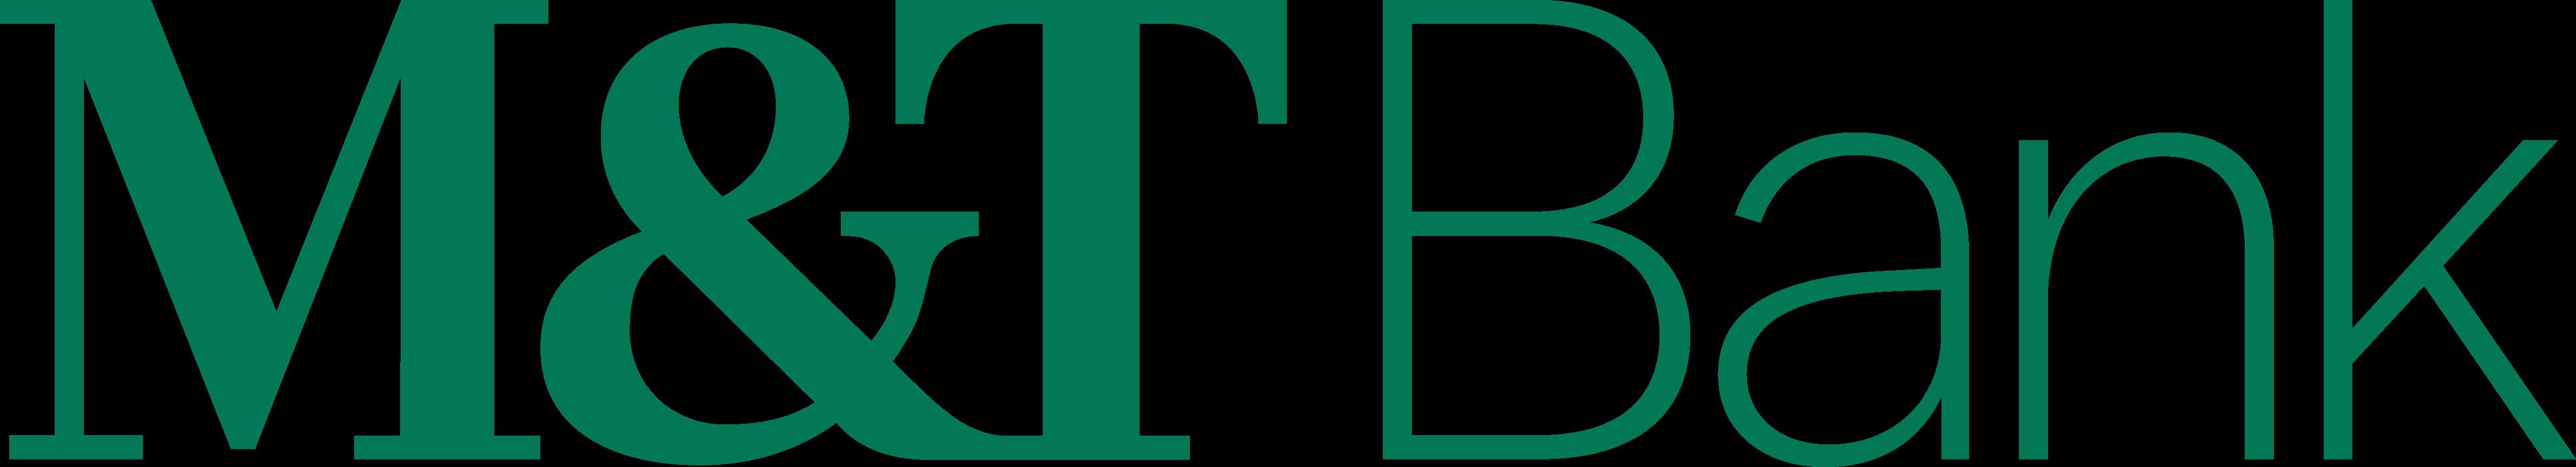 MT_Bank_logo_logotype